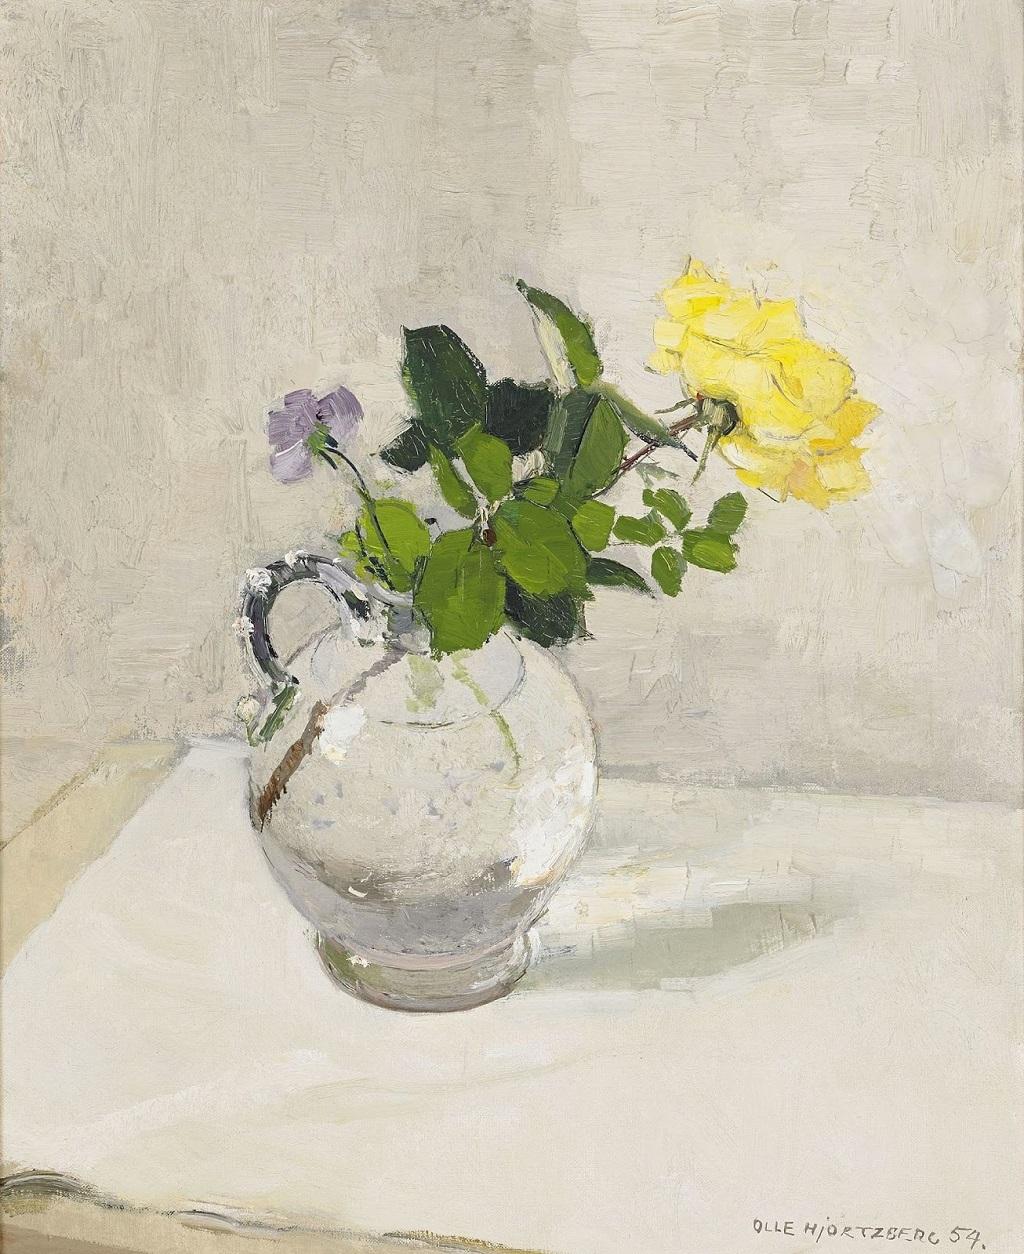 27-1954_Роза и виола в стекляннной вазе_60 x 50_х.,м._Частное собрание.jpg